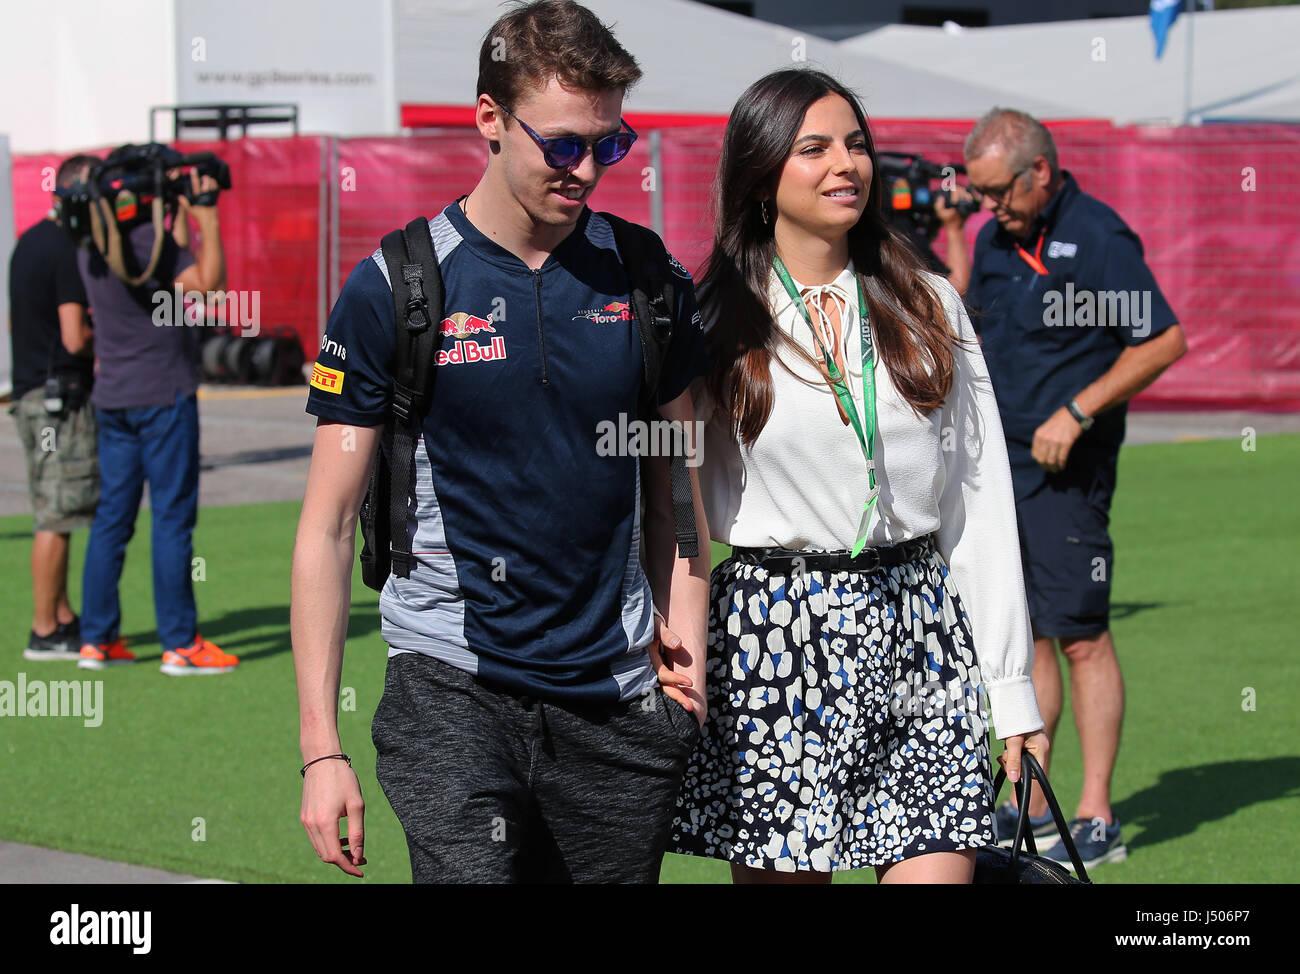 Barcelona, Spanien. 14. Mai 2017. Daniil Kvyat und Freundin Kelly Piquet  während der spanischen Formel Eins Grand Prix am Circuit de Catalunya am  14. Mai 2017 in Montmelo, Spanien. Bildnachweis: Gtres Información